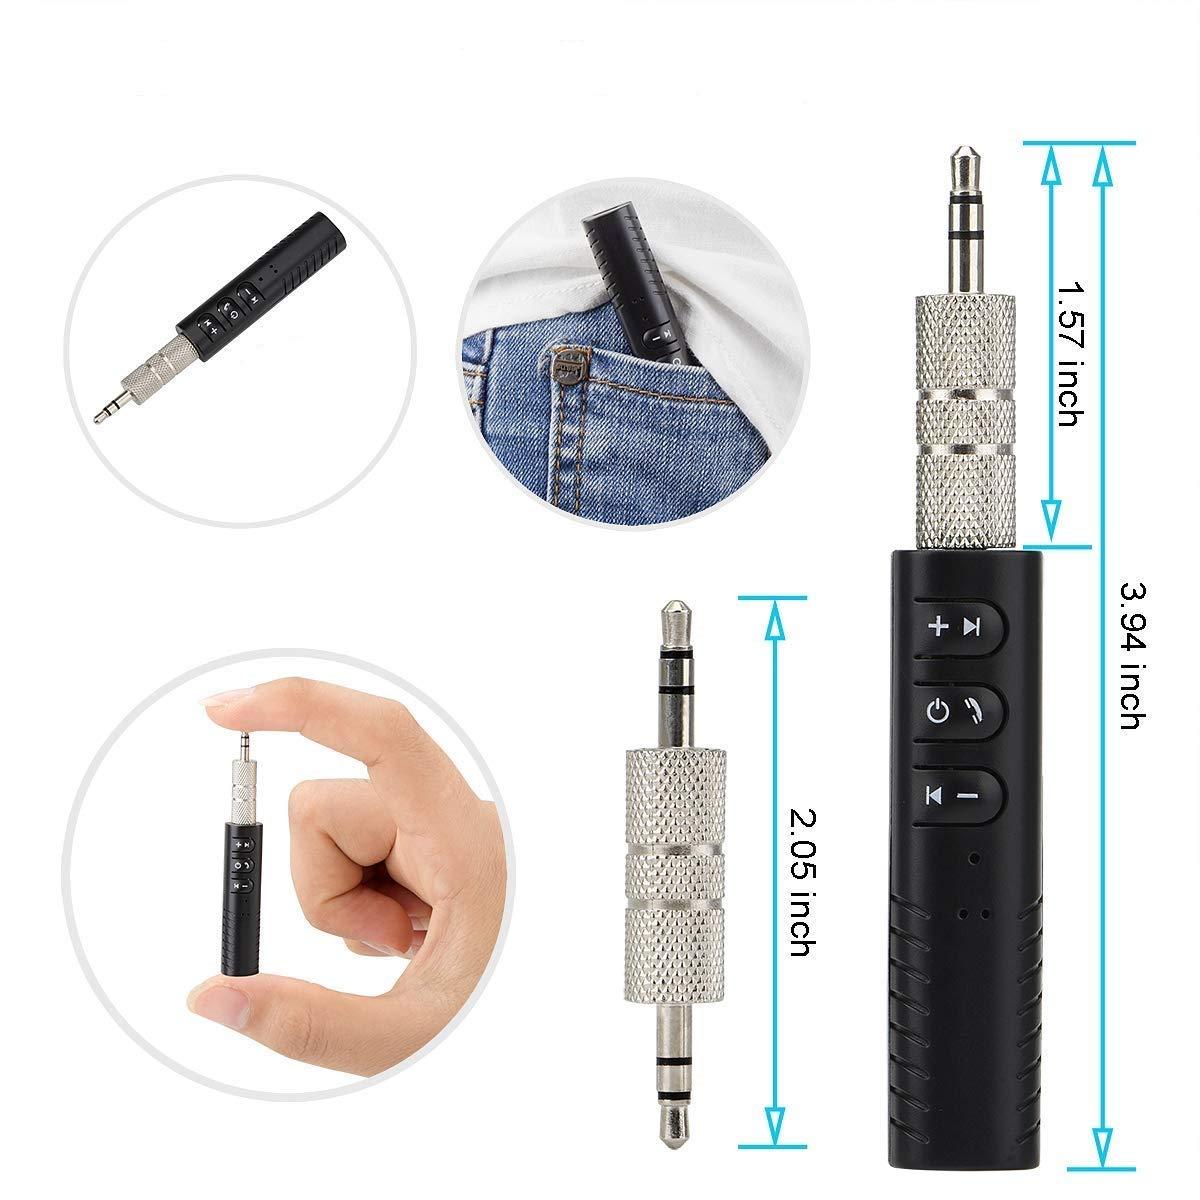 mit Audio Adapter und USB Kabel Woonavir Wireless Music Empf/änger Bluetooth Aux 3.5mm Adapter mit Clip Design f/ür Heim und Auto Audio Bluetooth Empf/änger